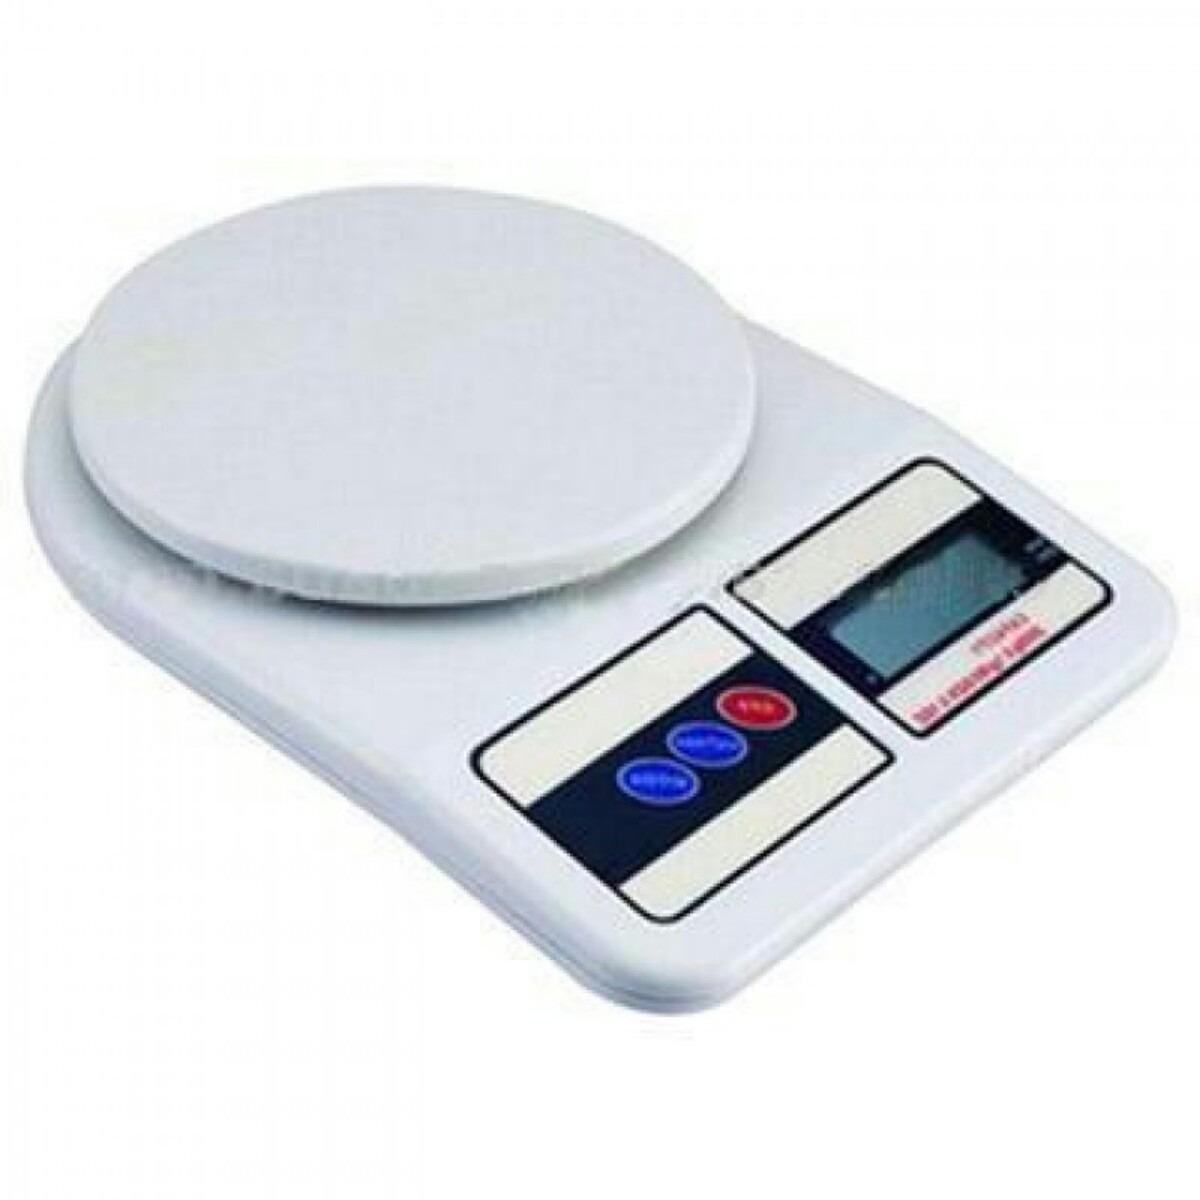 Balança Digital Eletronica Pesa De 1gr A 10kg Melhor Preço R$ 49  #1F30AC 1200x1200 Balança Digital Banheiro Porto Alegre